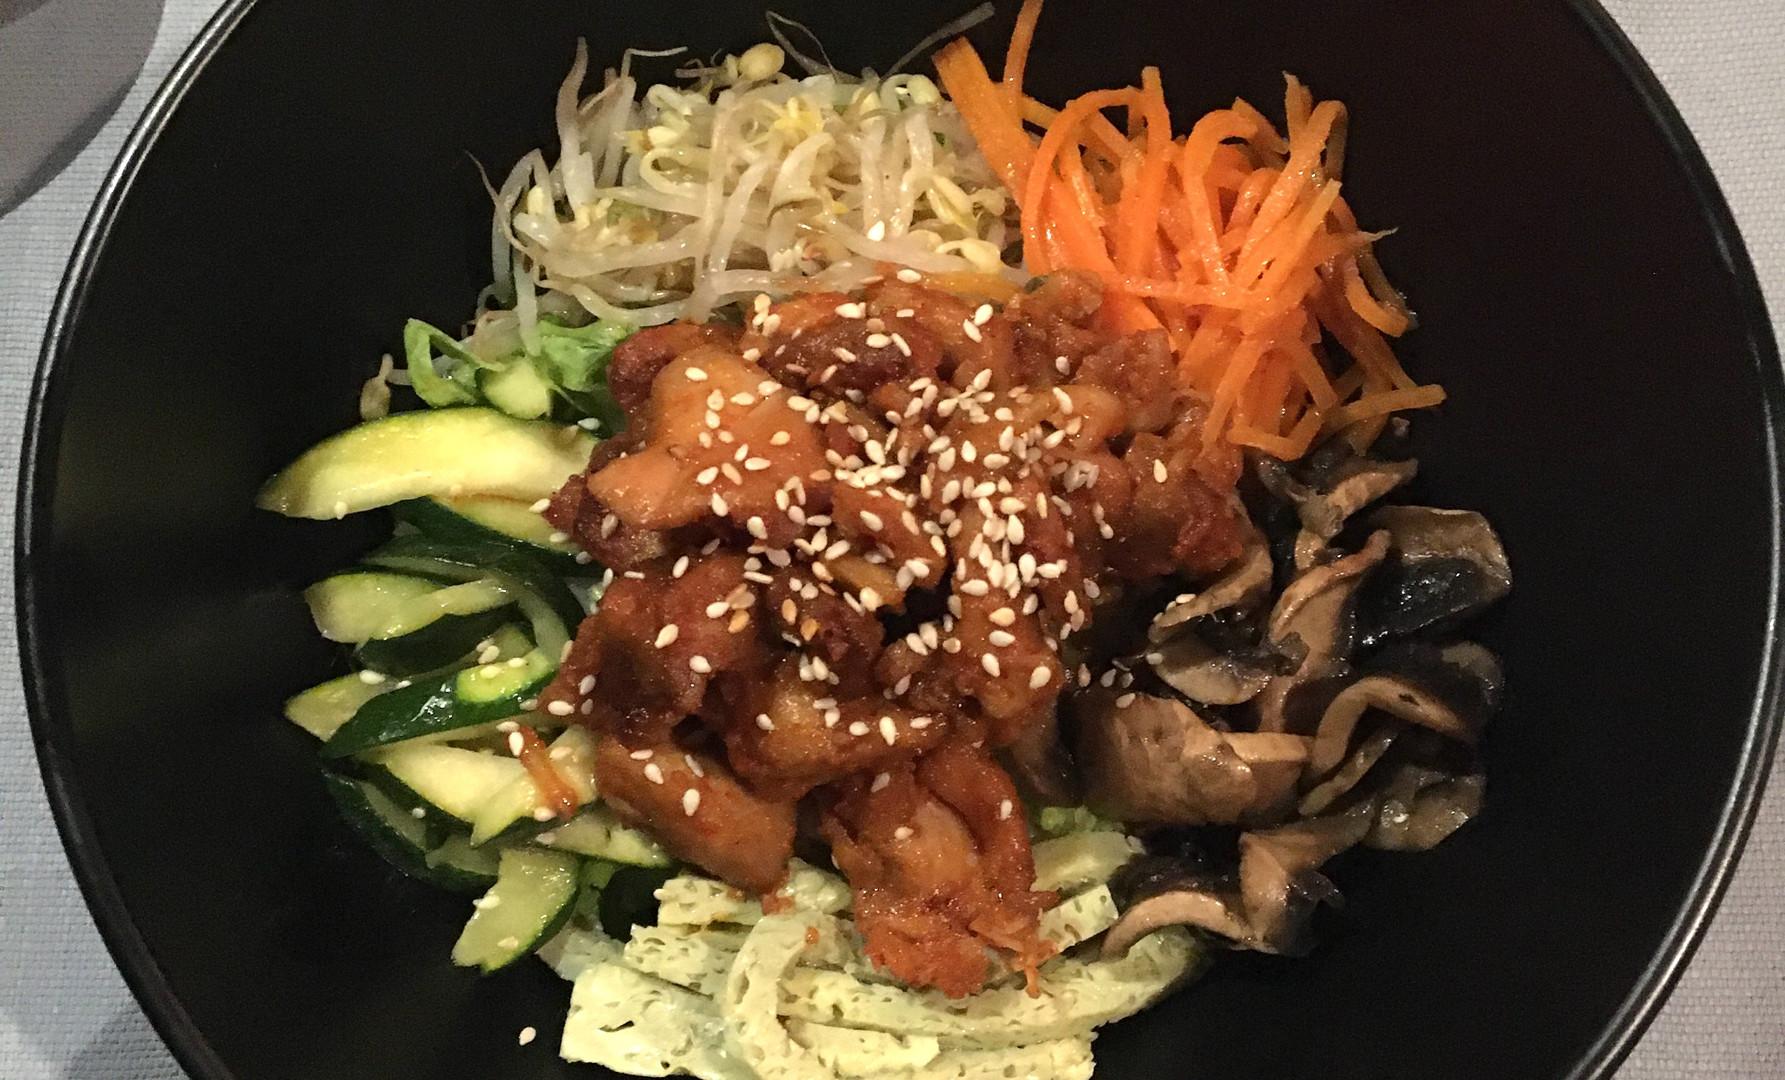 Bibimbab con pollo in salsa Gochujang piccante, germogli di soia, zucchine, carote, funghi, uova, insalata e olio di sesamo